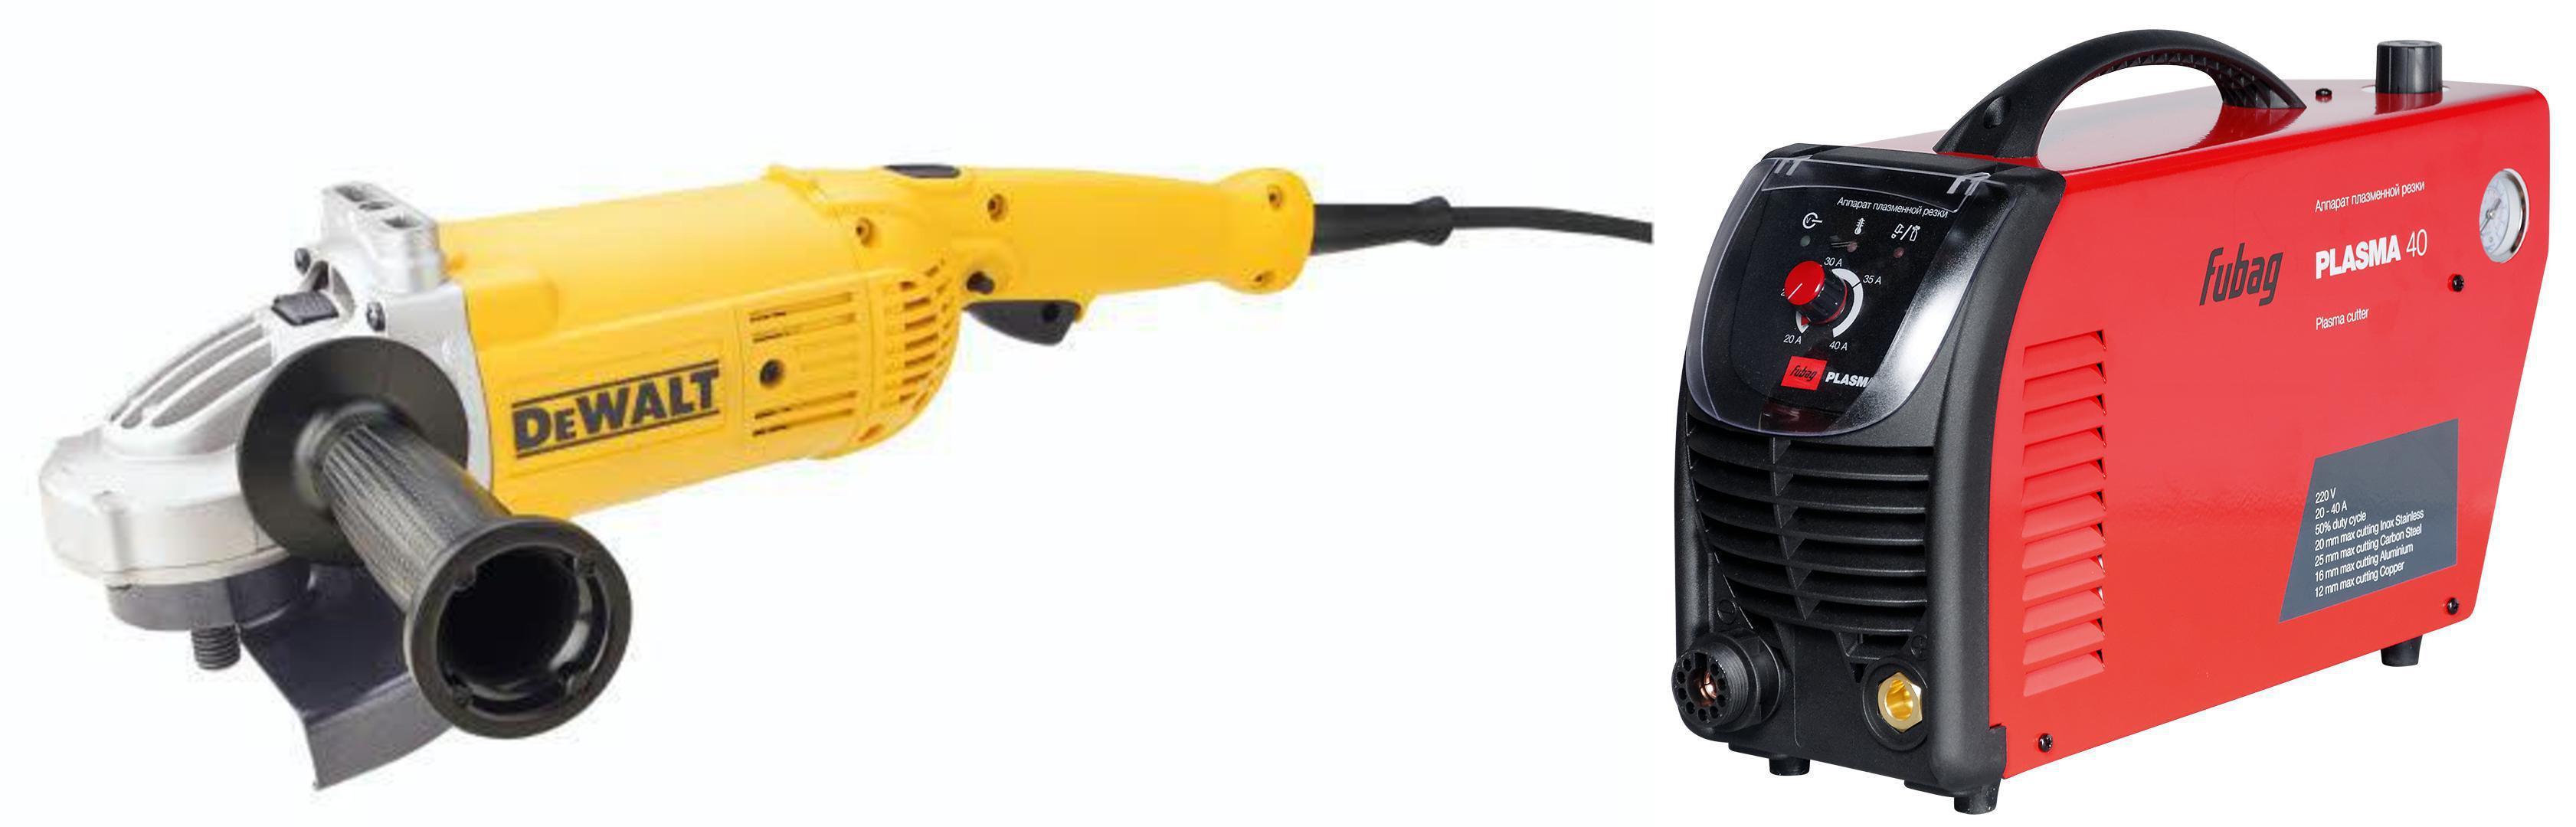 Набор Fubag Аппарат плазменной резки plasma 40 +УШМ (болгарка) dwe496-ks